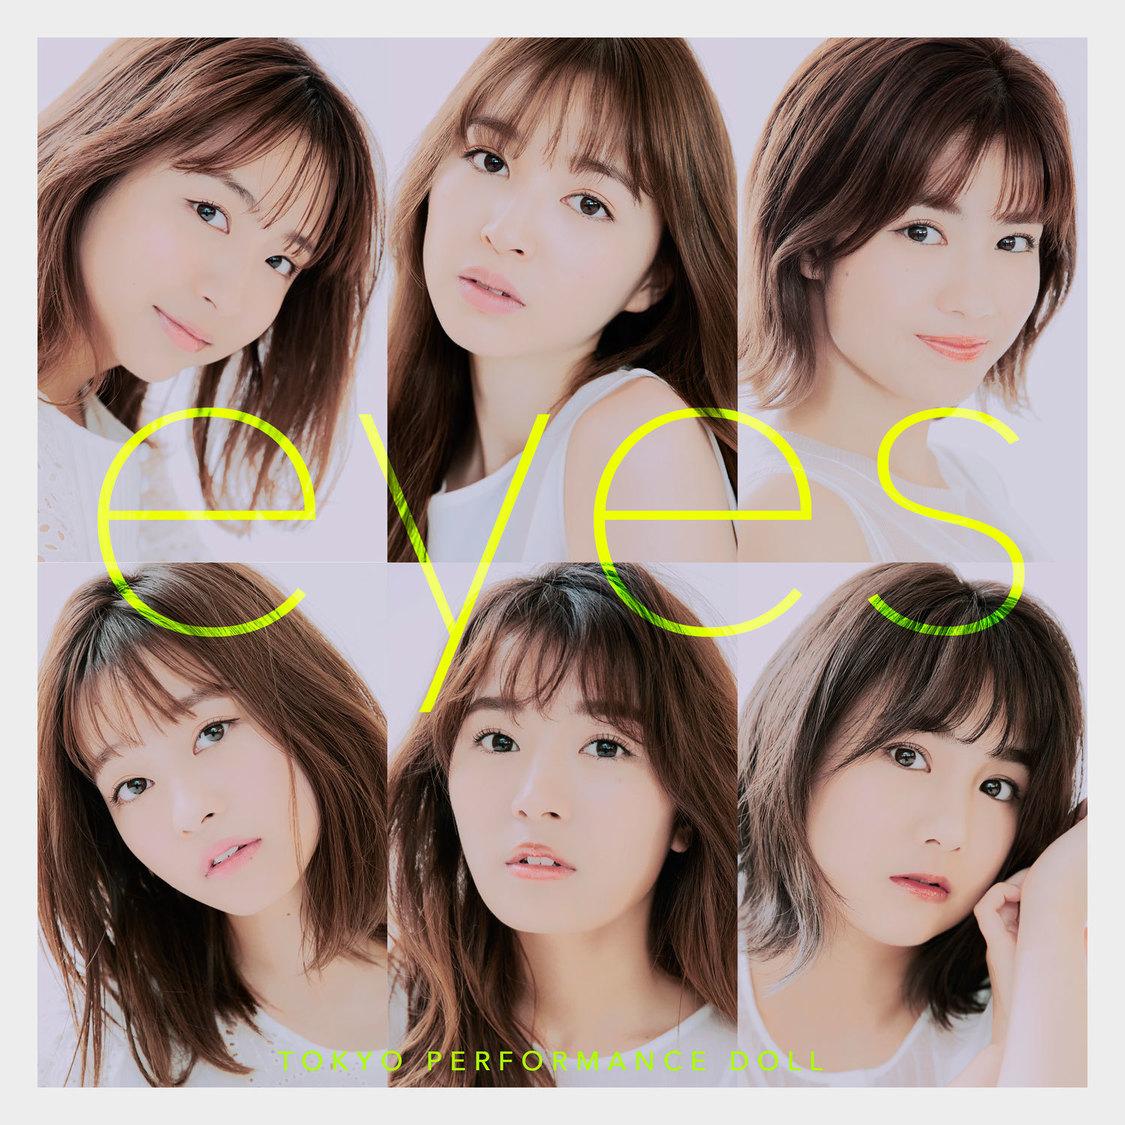 東京パフォーマンスドール、新曲「eyes」配信リリース決定+サムネイル画像公開!